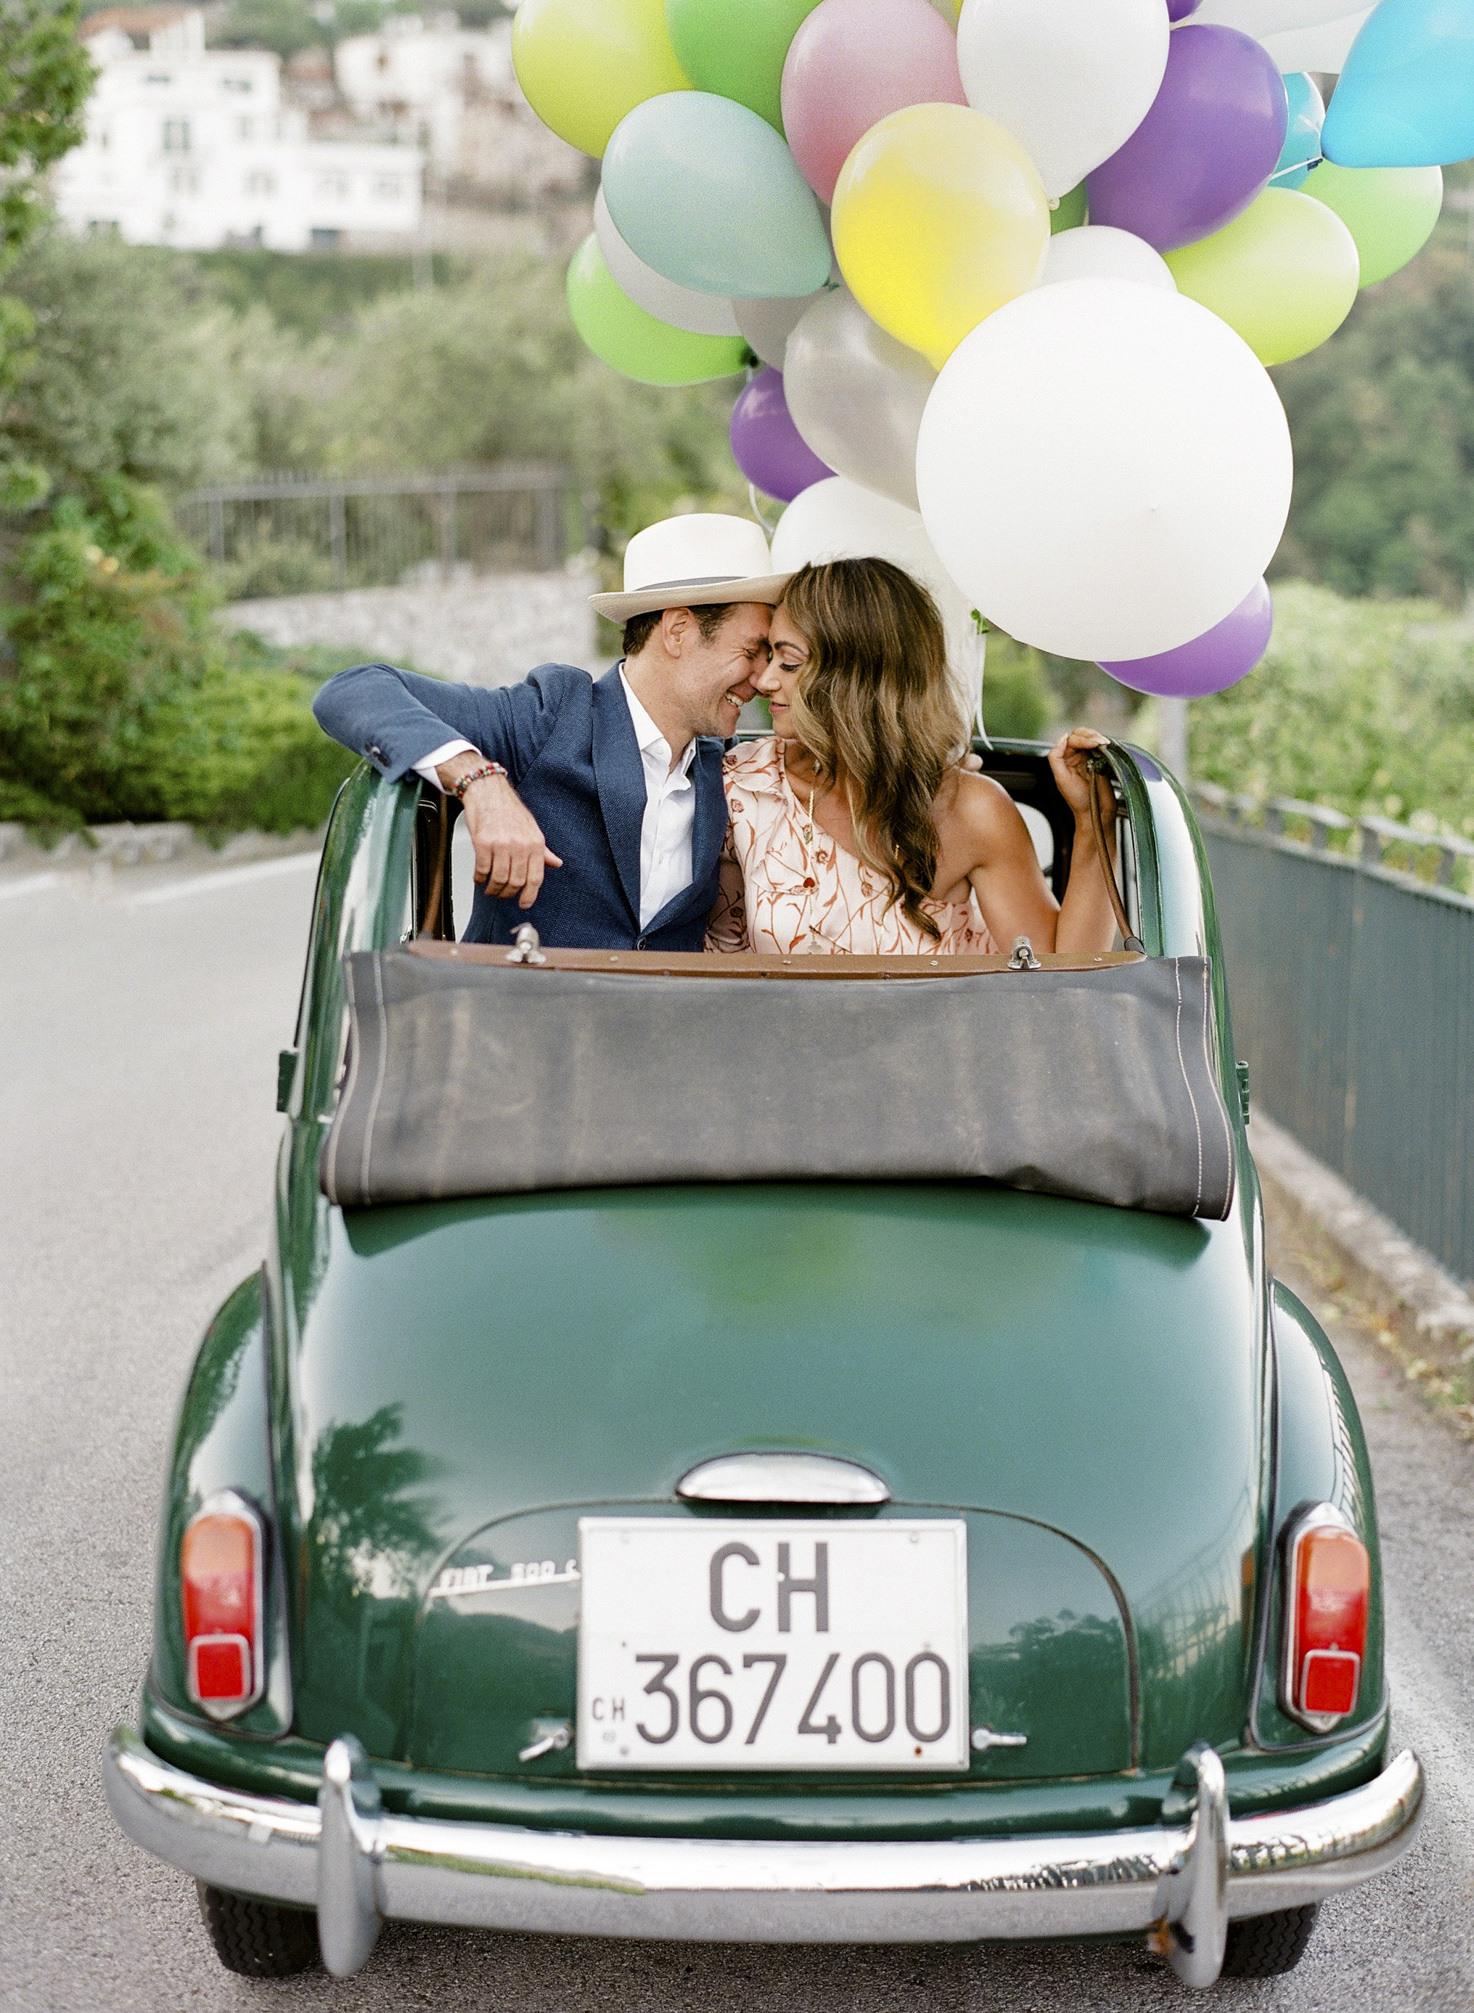 Bride and groom on a Cinquecento vintage car